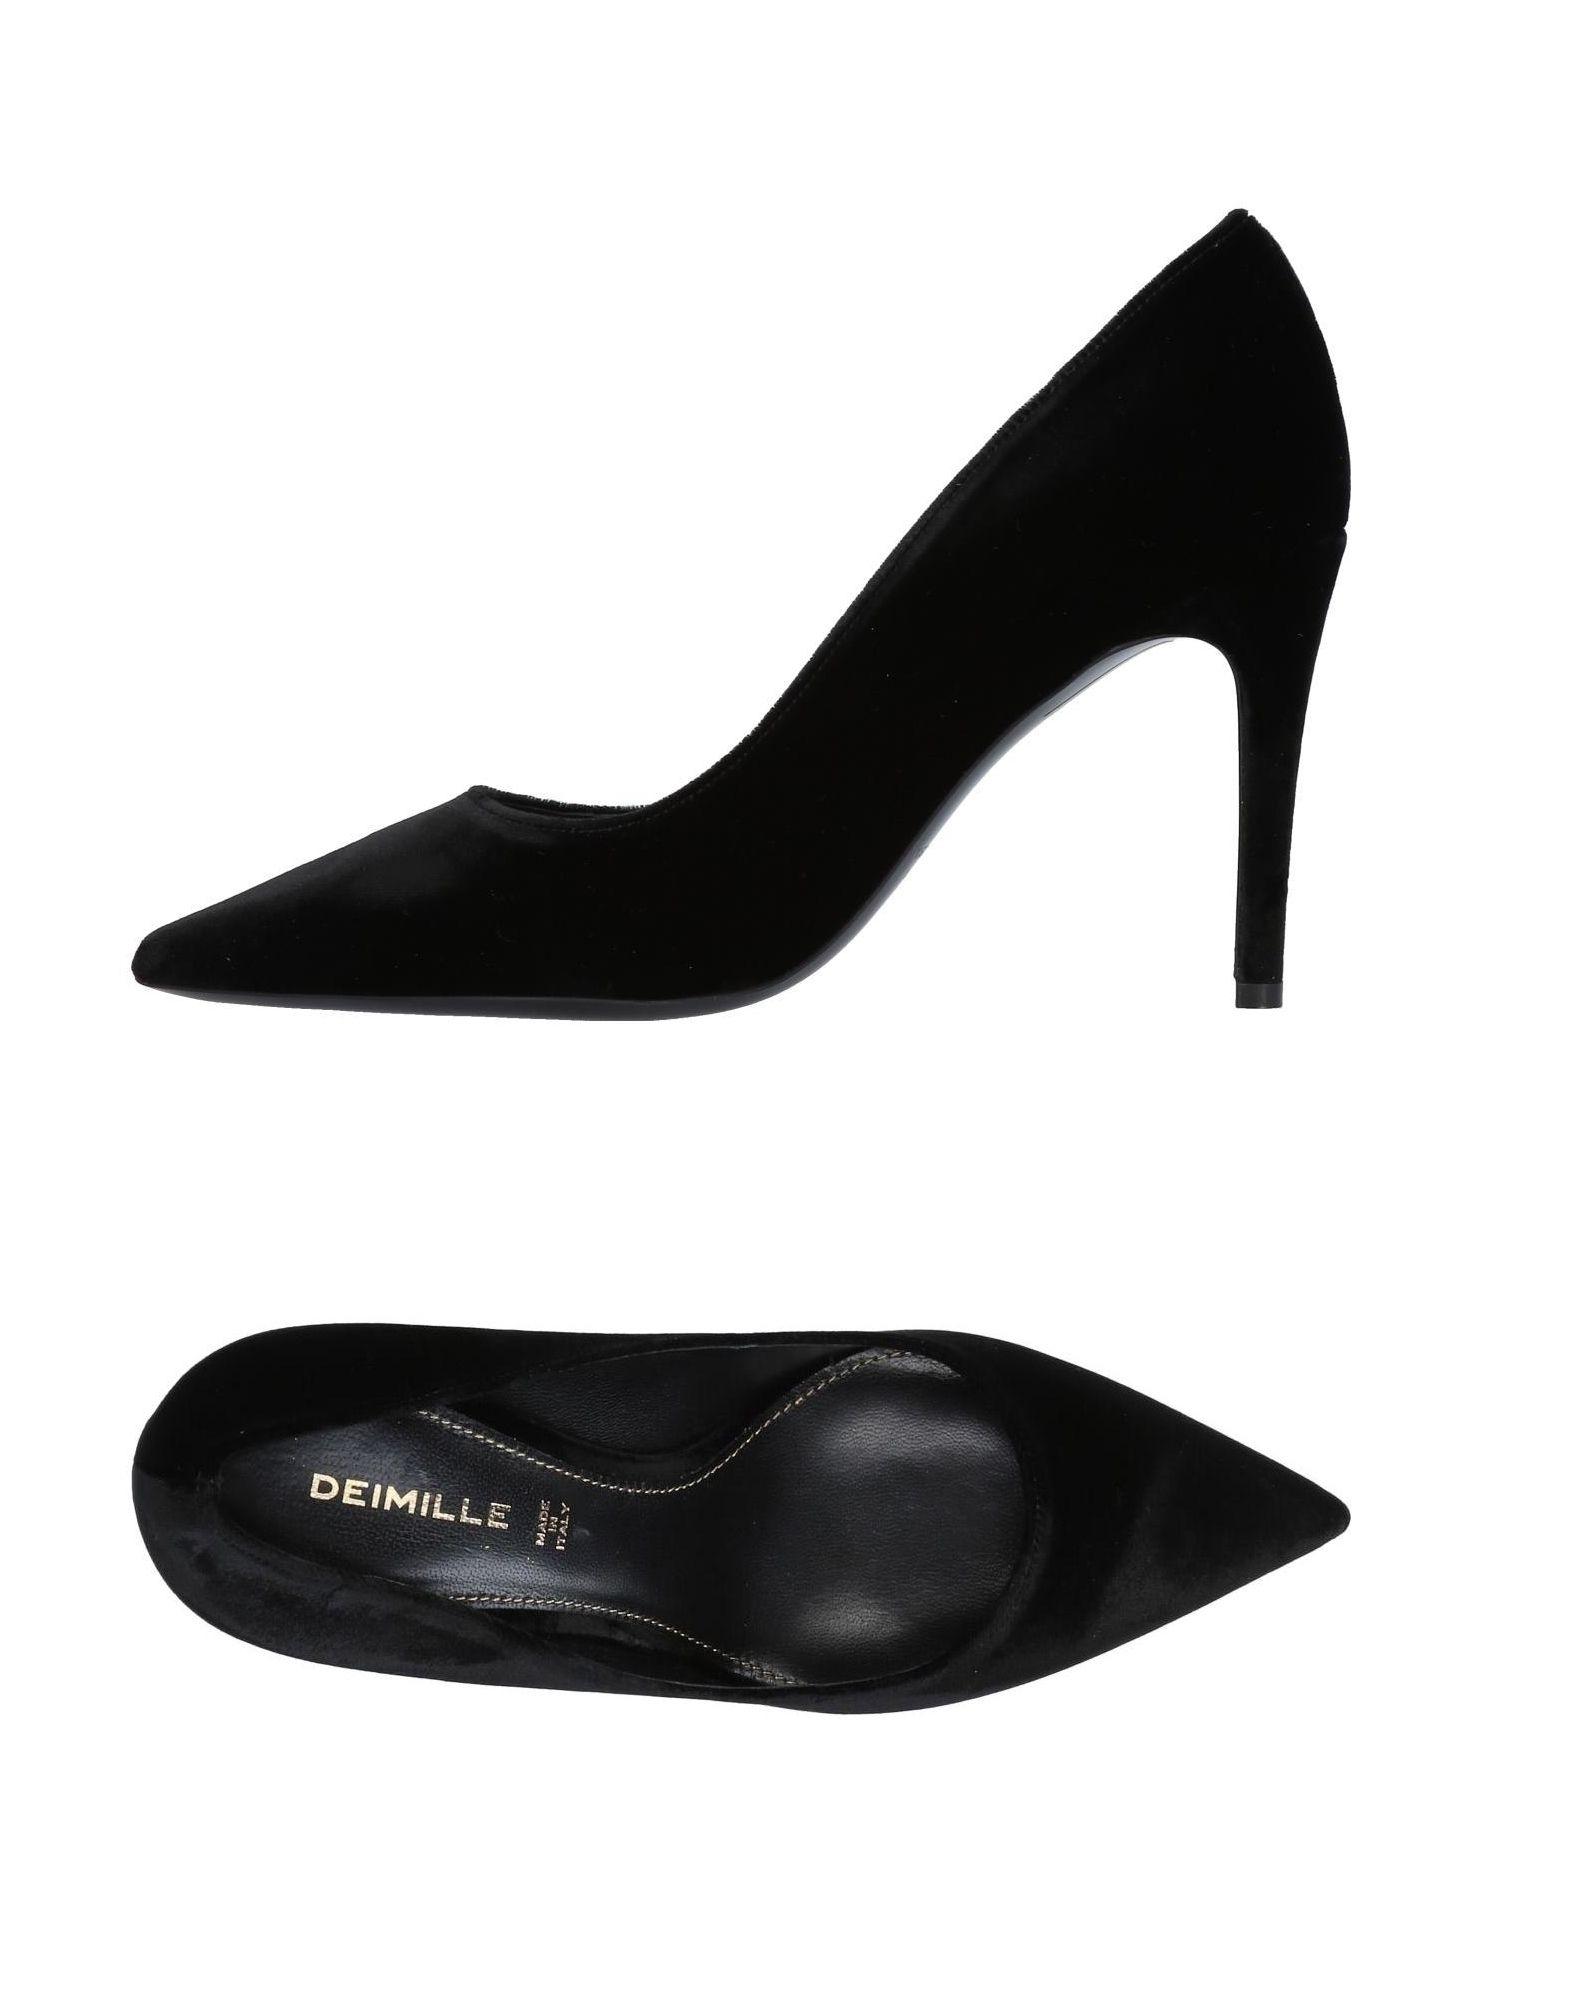 Mocassino Nuove E...Vee Donna - 11278983BR Nuove Mocassino offerte e scarpe comode 34f617